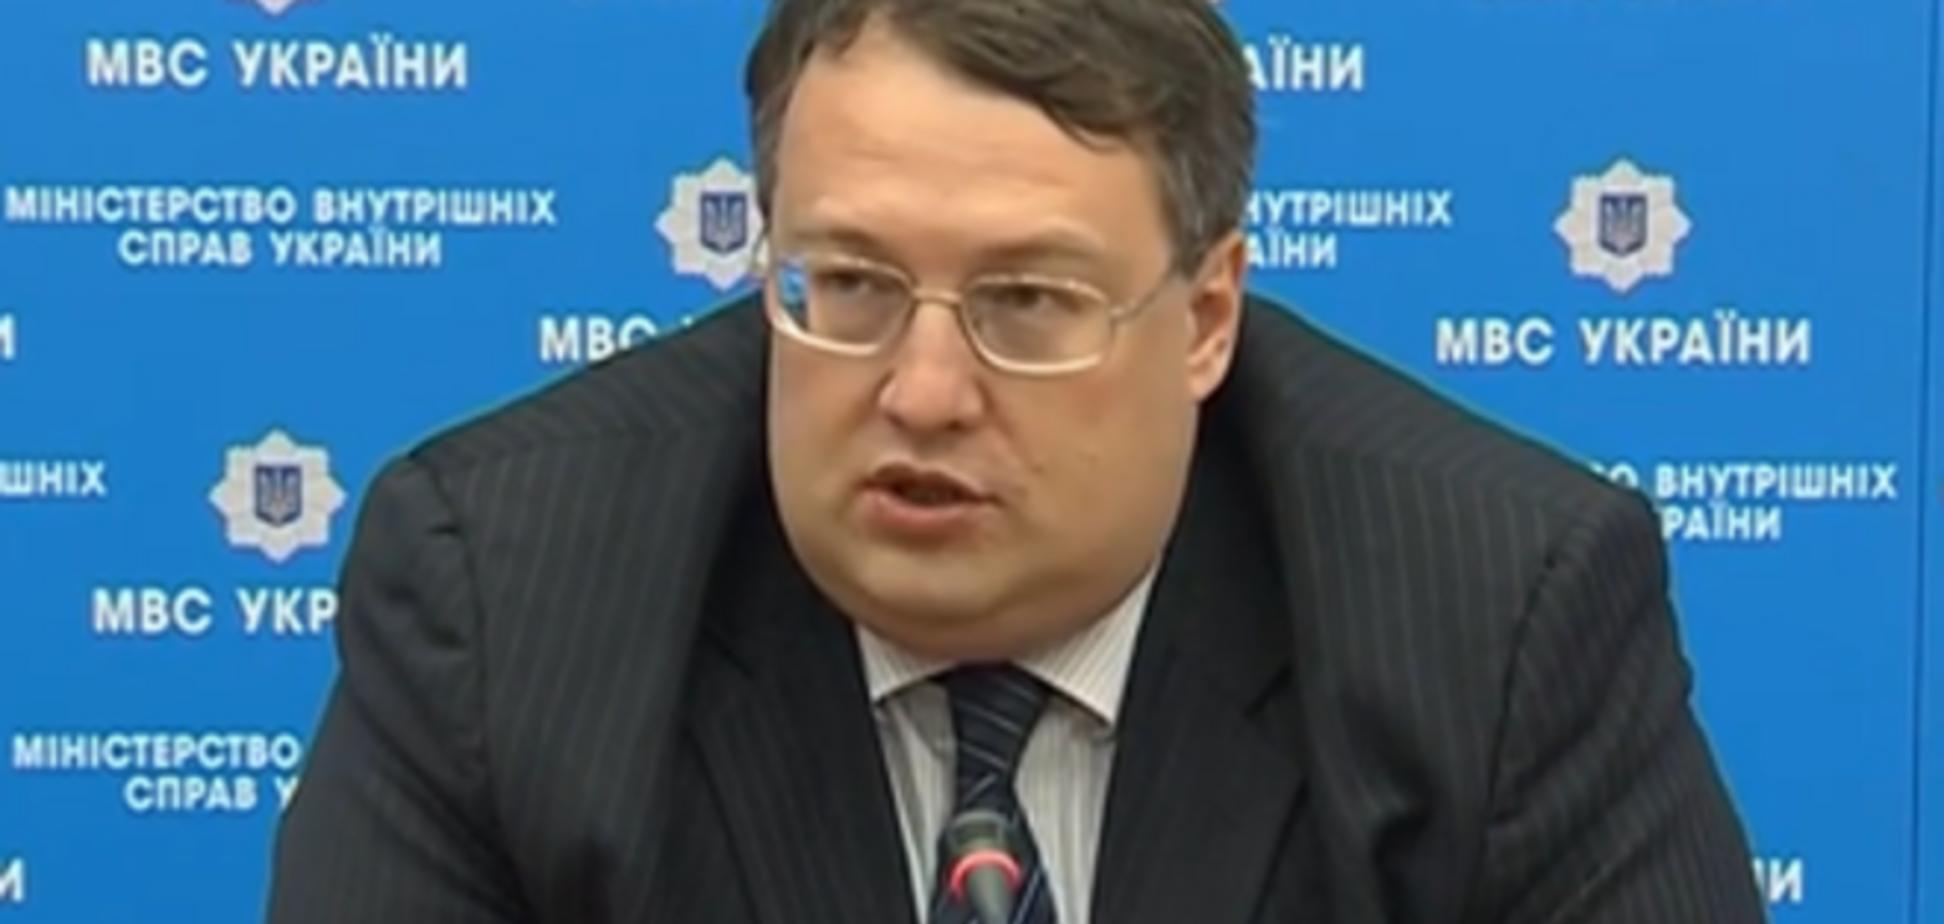 Геращенко: у Москаля максимум місяць, щоб розібратися в ситуації